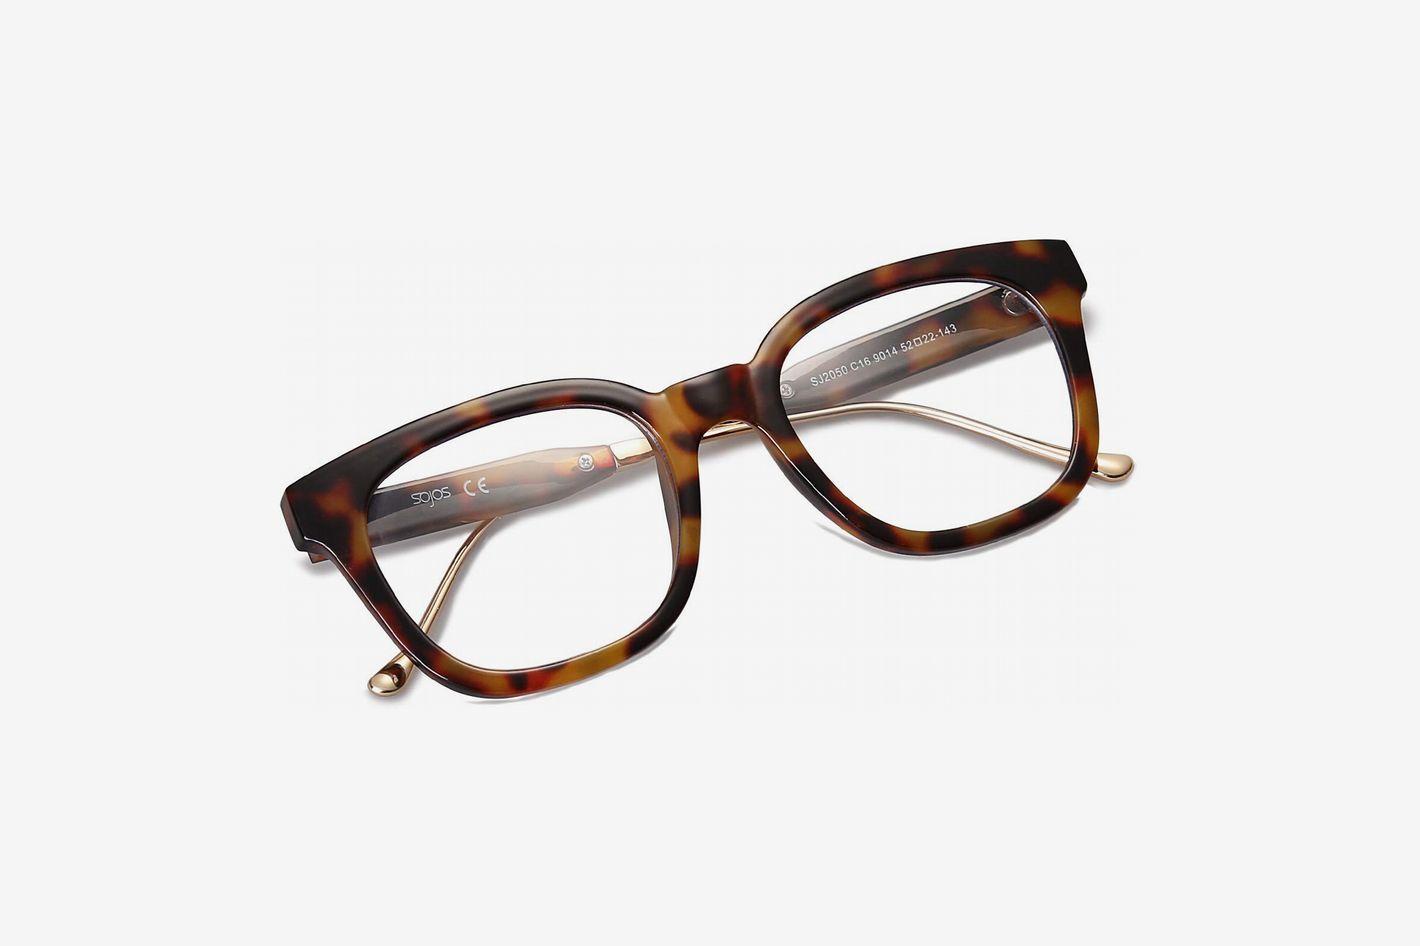 SOJOS blue light blocking glasses for Women Men